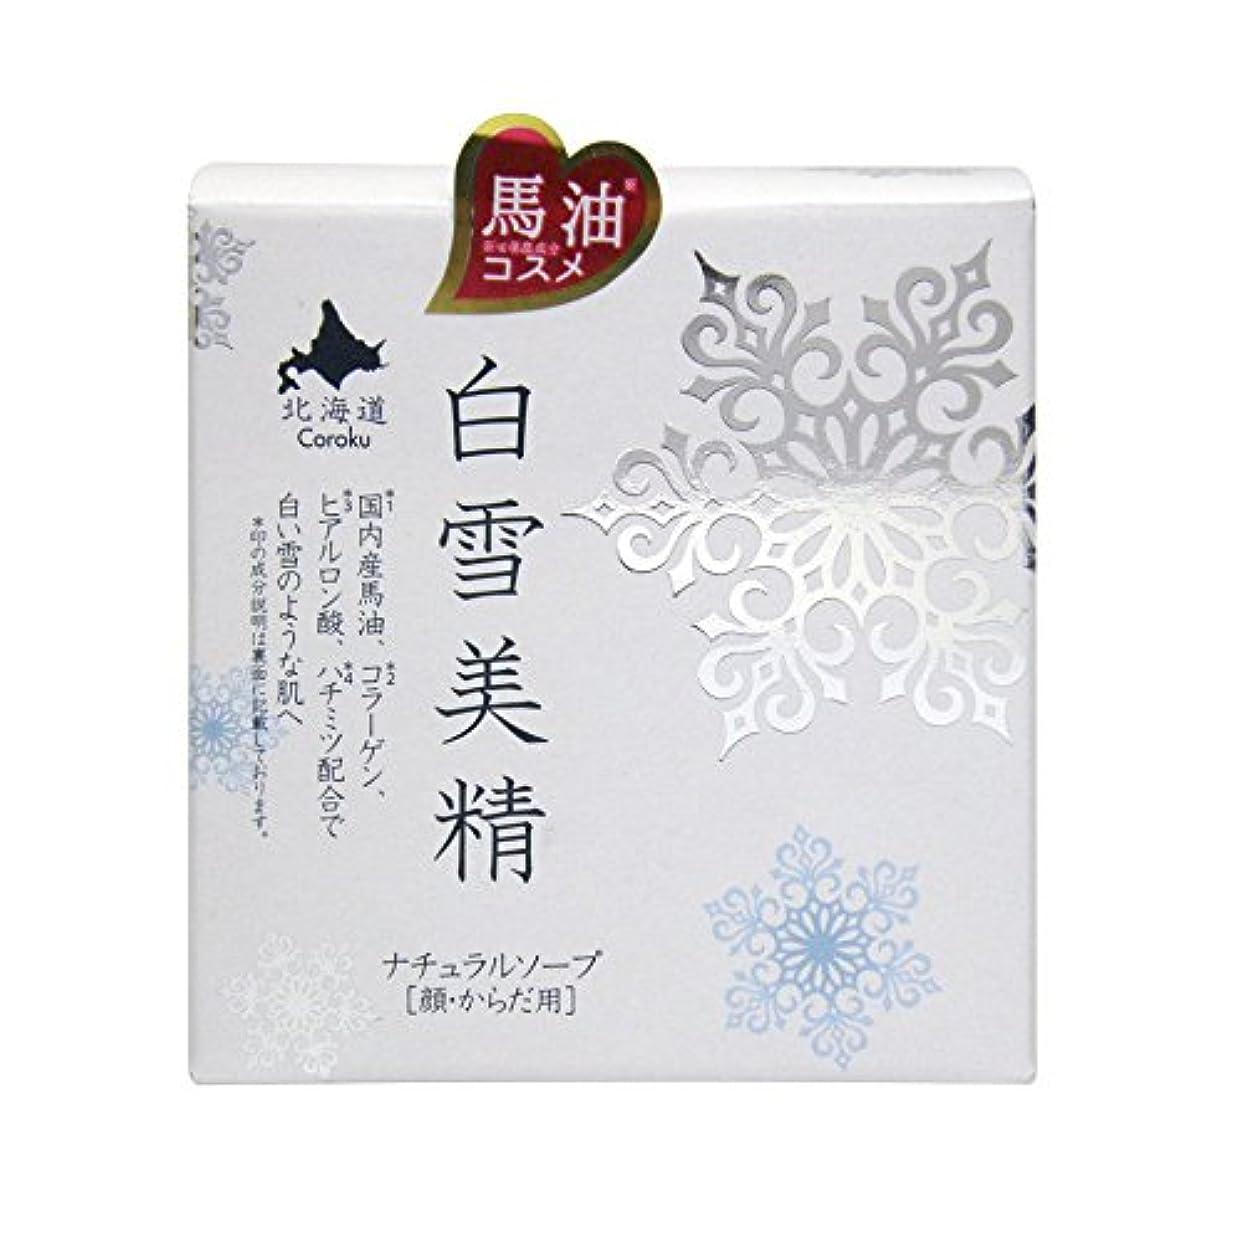 によって文法セッティングCoroku 白雪美精 ナチュラルソープ(顔?からだ用) 100g